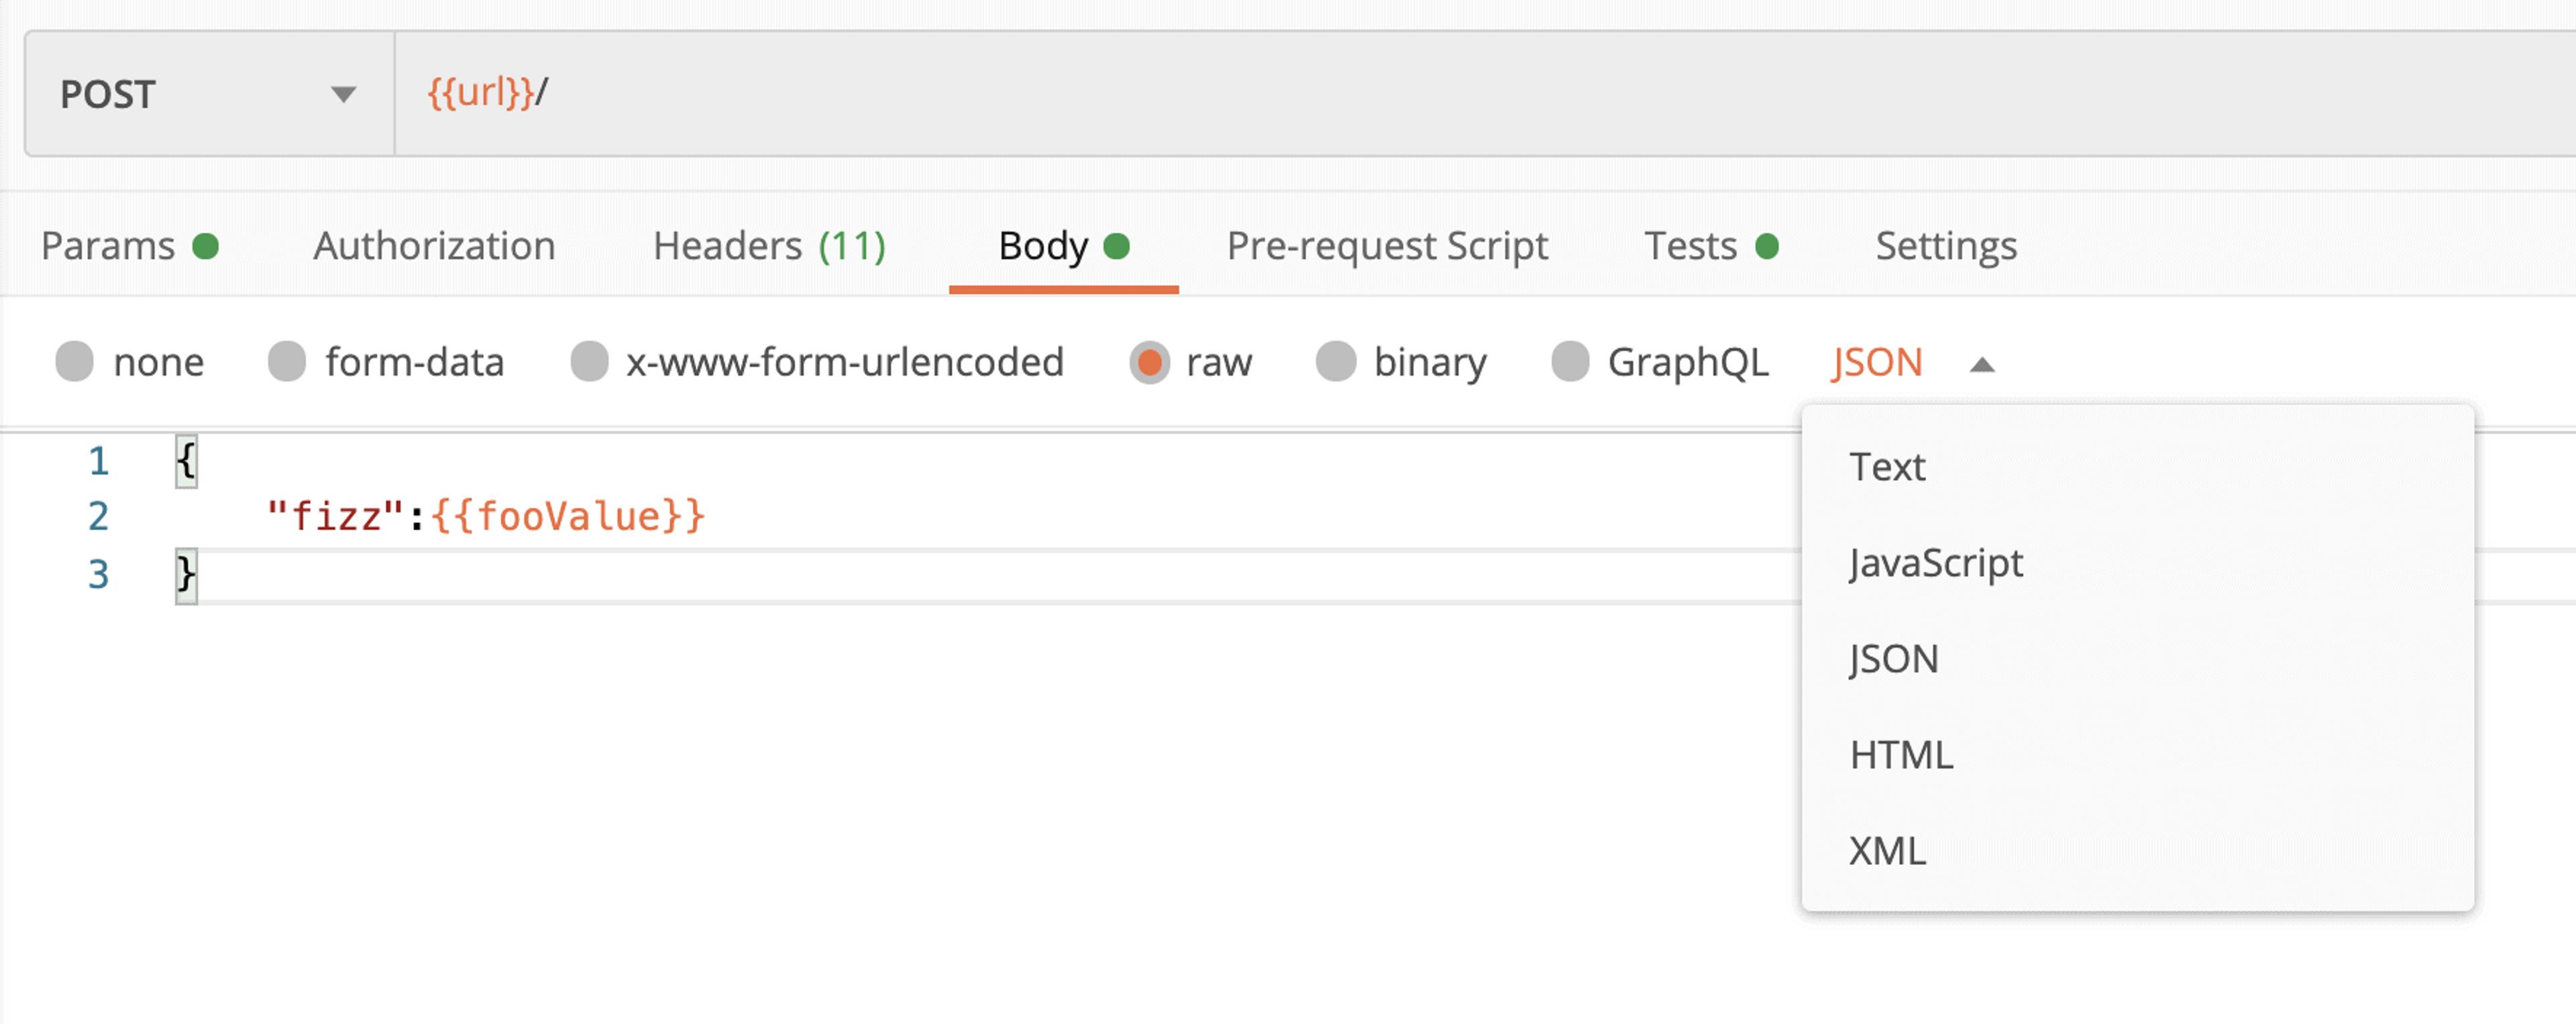 Le body d'une requête http sur Postman peut facilement être rempli avec différent types de données, comme du json, du xml ou du javascript par exemple